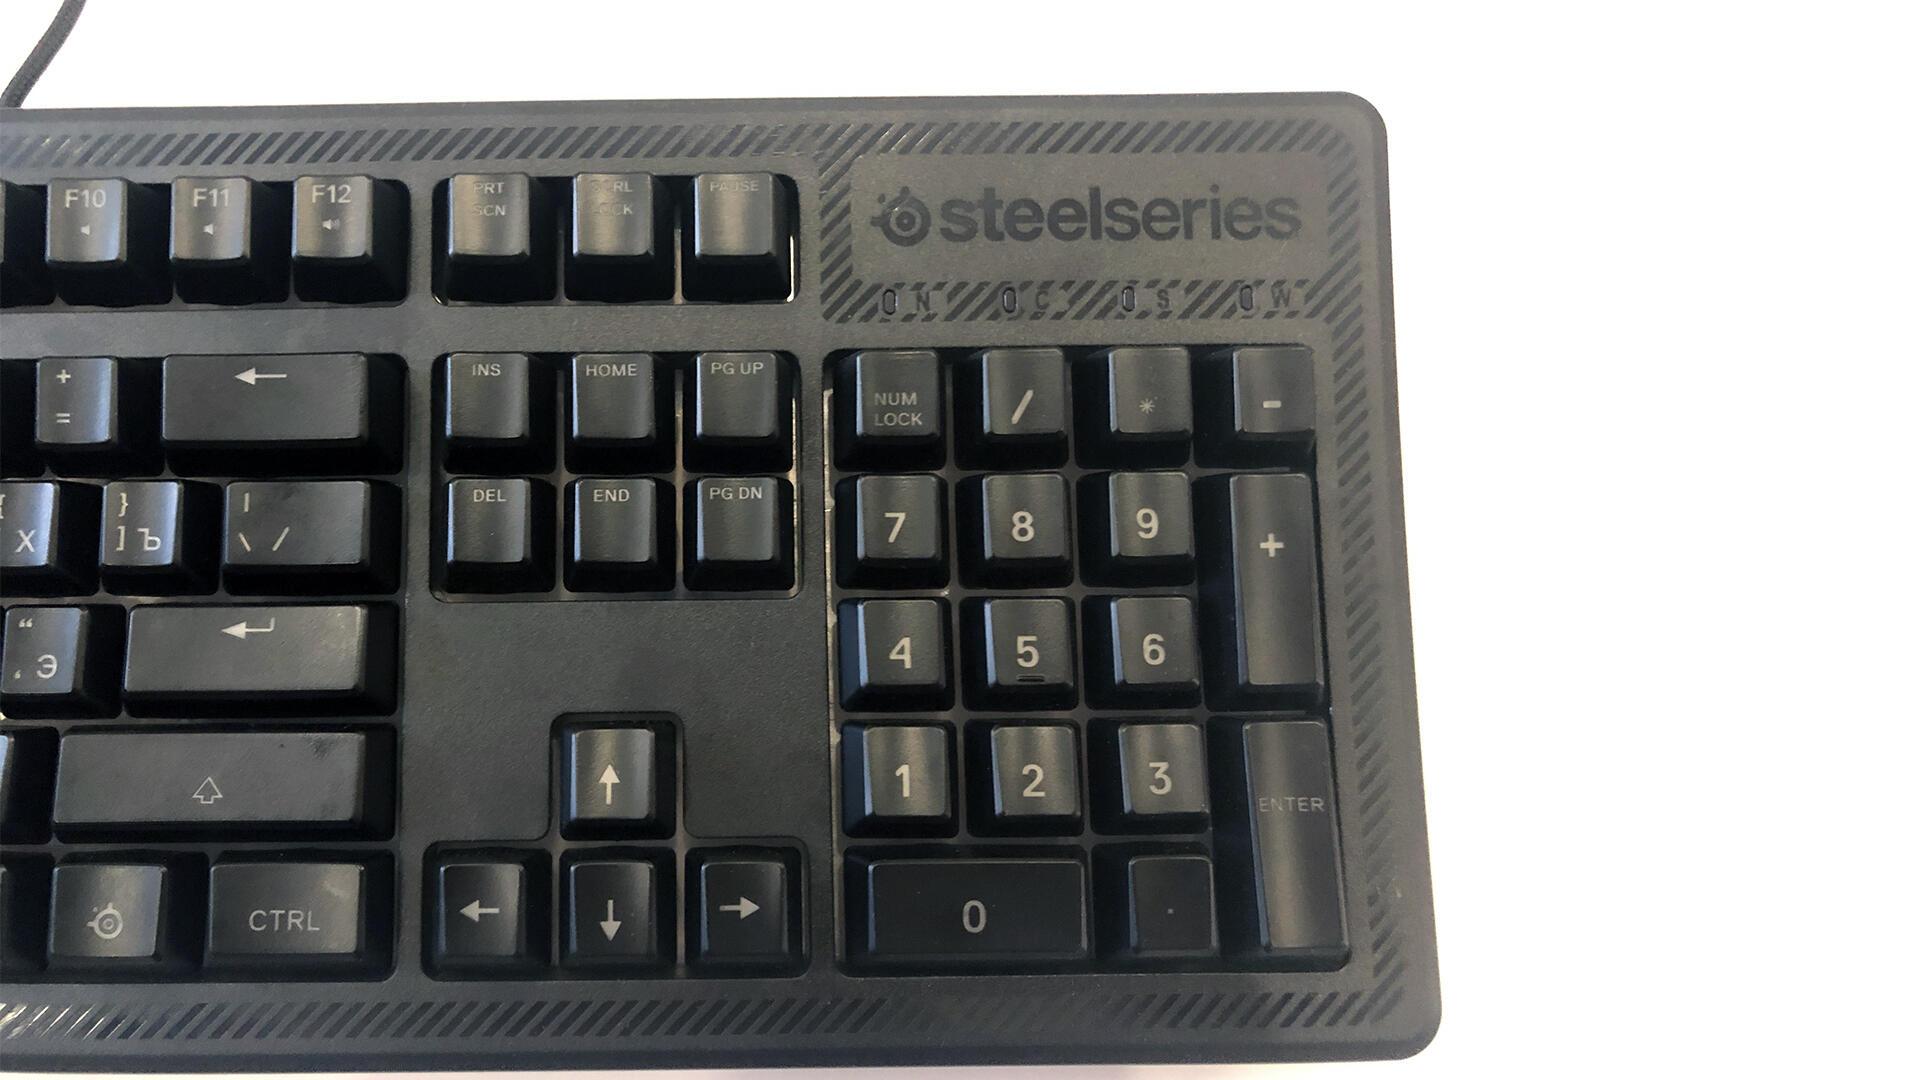 Periferiya - SteelSeries Apex 150